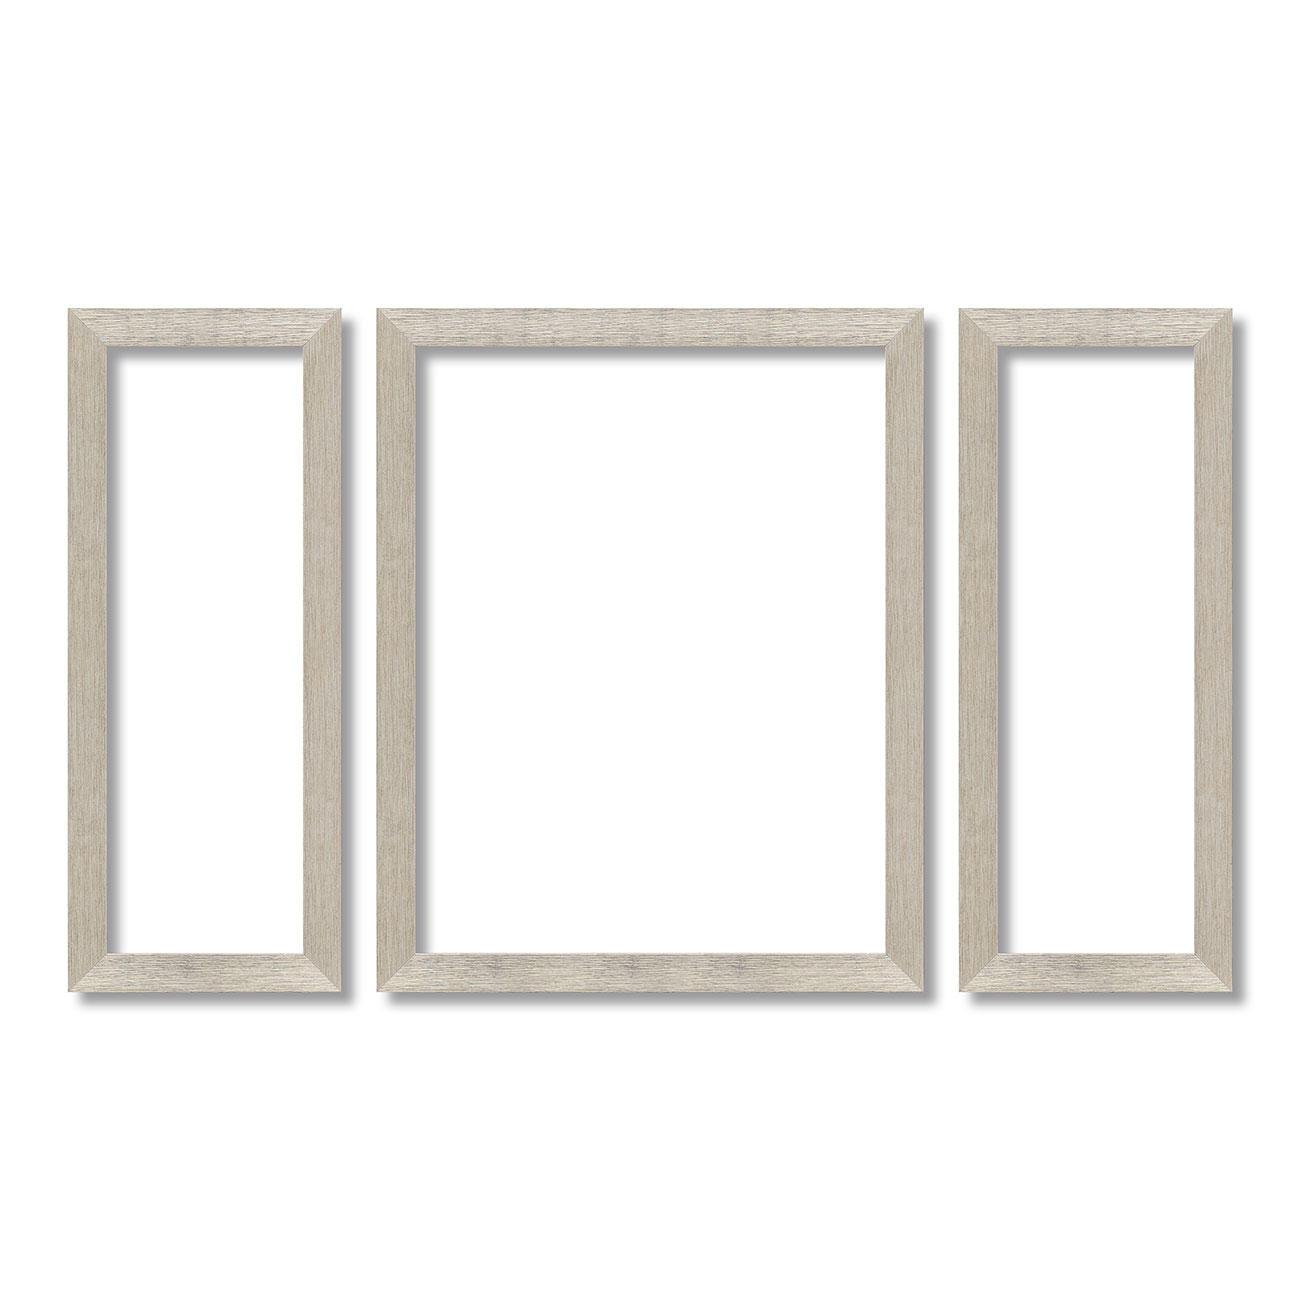 Rahmen für Triptychon 2x 20 x 50 cm und 1x 40 x 50 cm